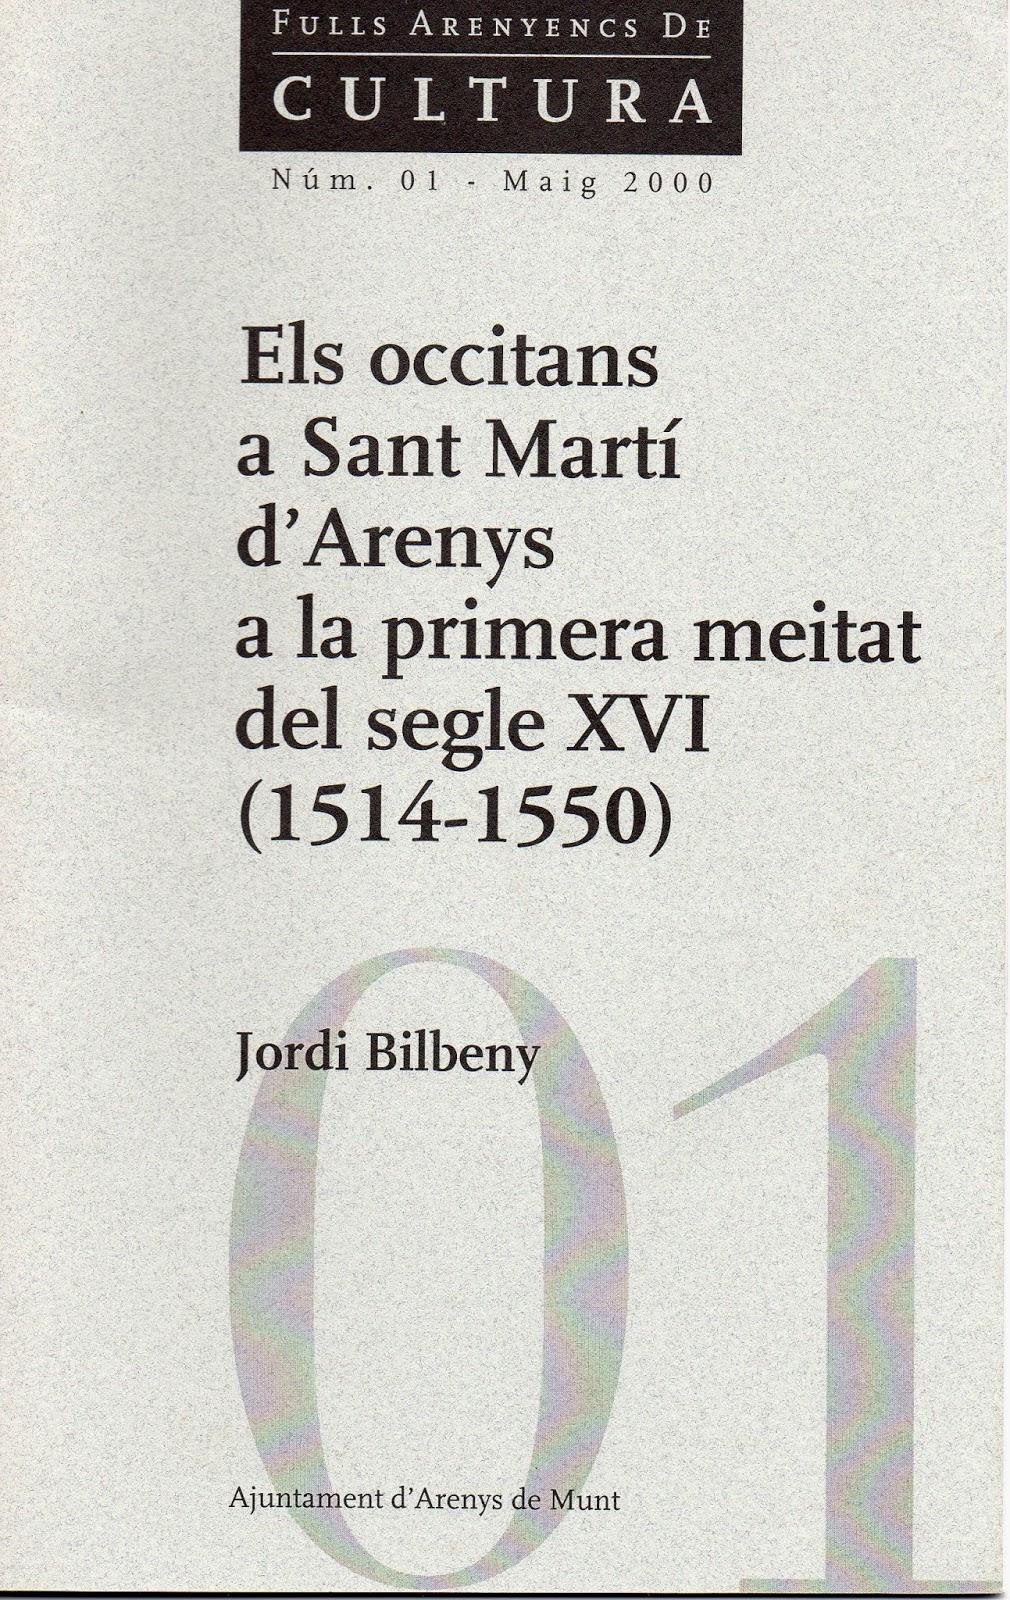 Occitans a Sant Martí d'Arenys a la primera meitat del segle XVI